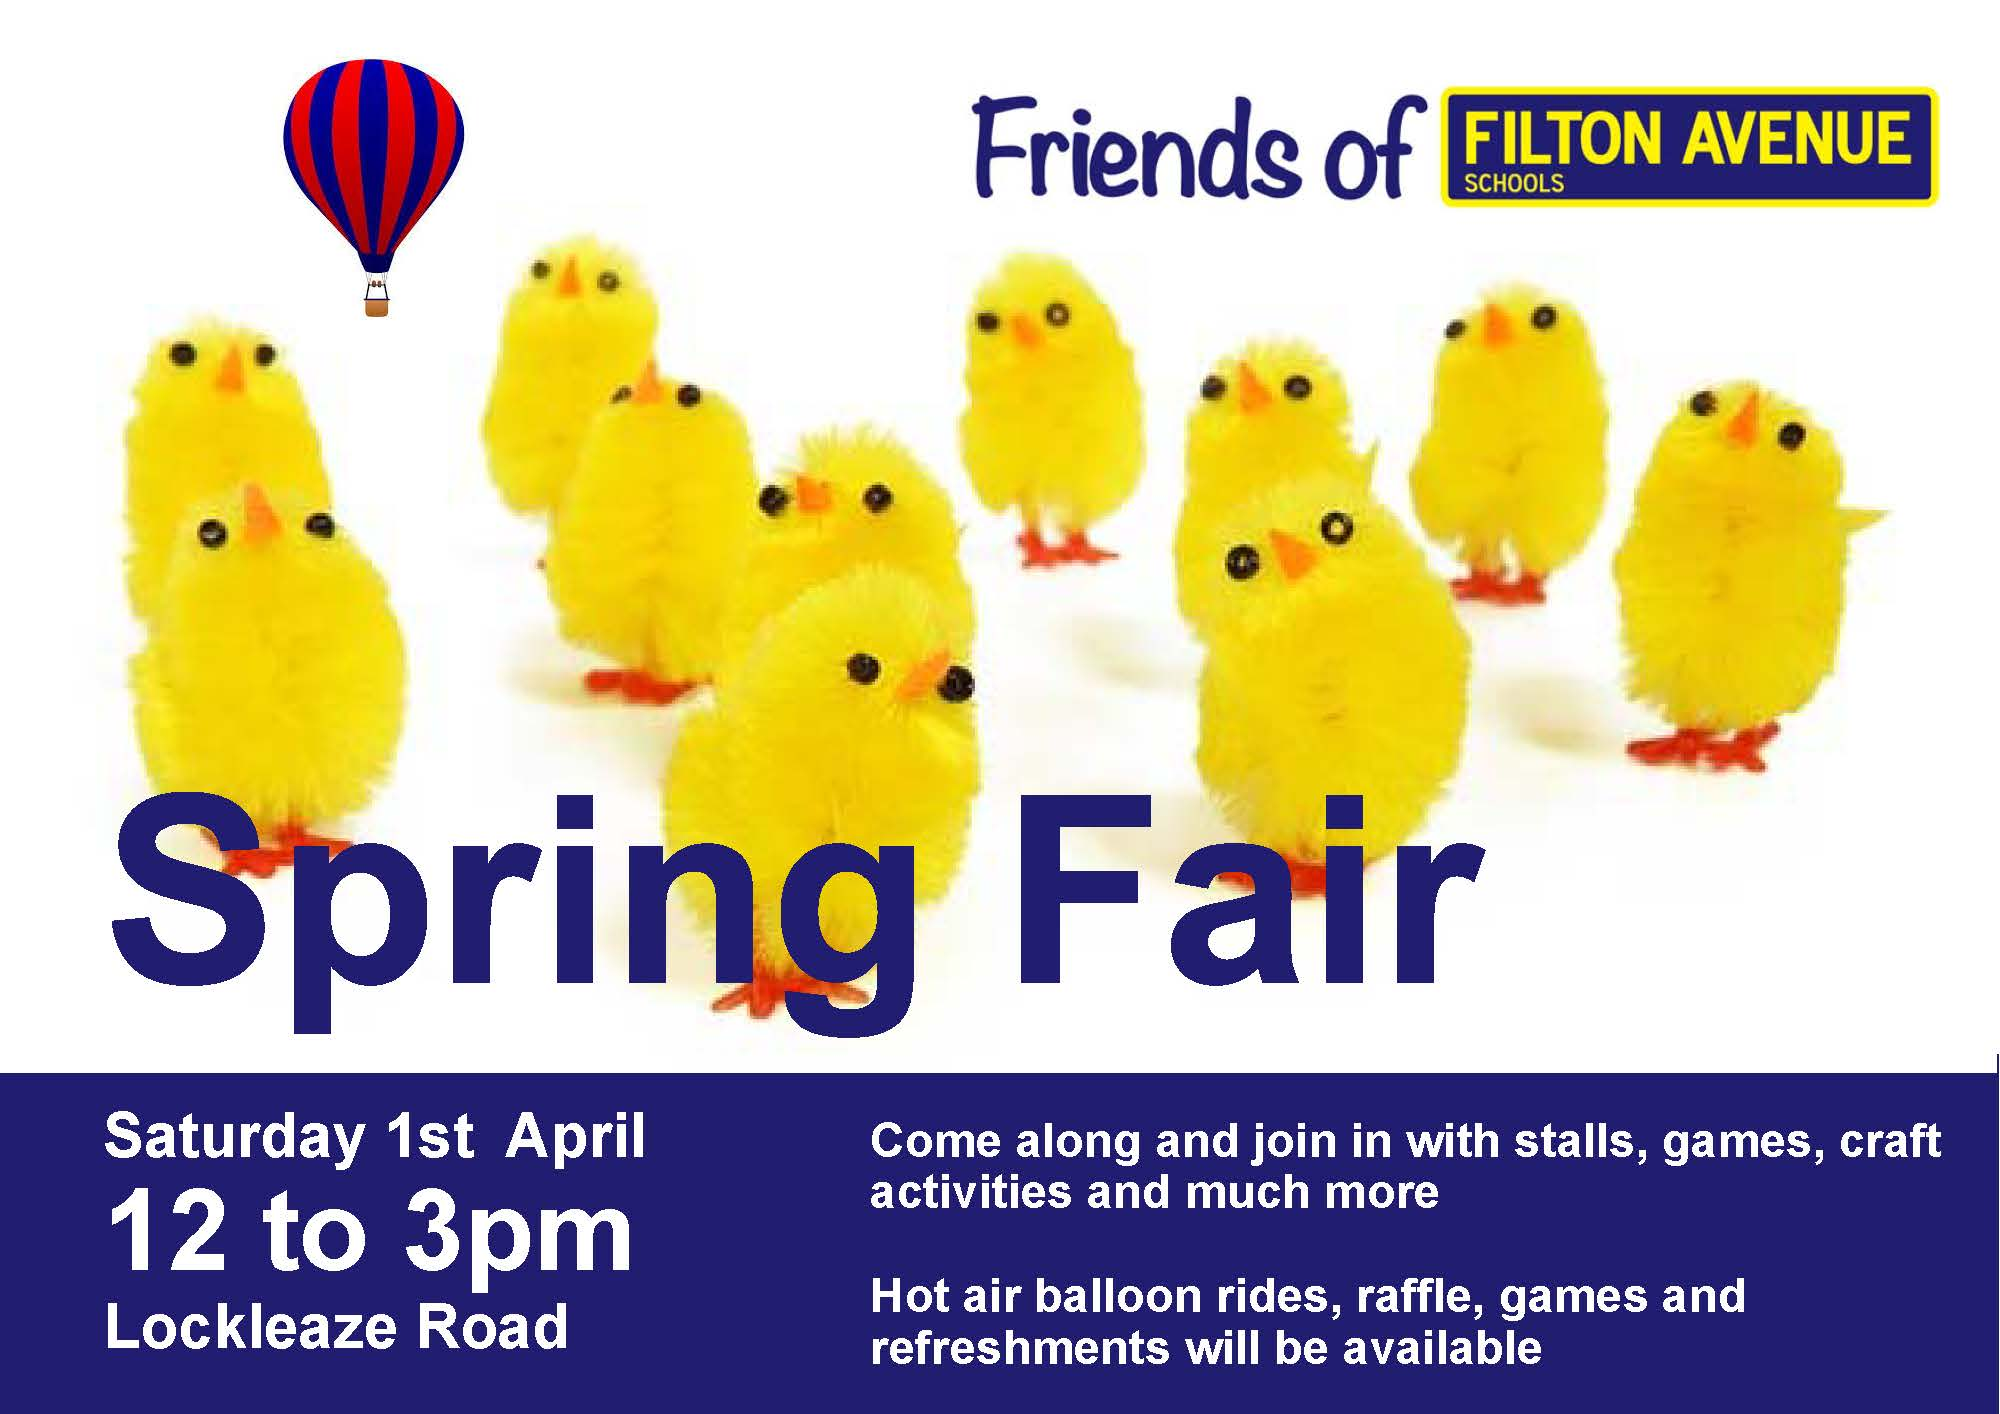 FFA Spring Fair Banner 3 - FFA Spring Fair Saturday 1st April 2017 at Lockleaze Road